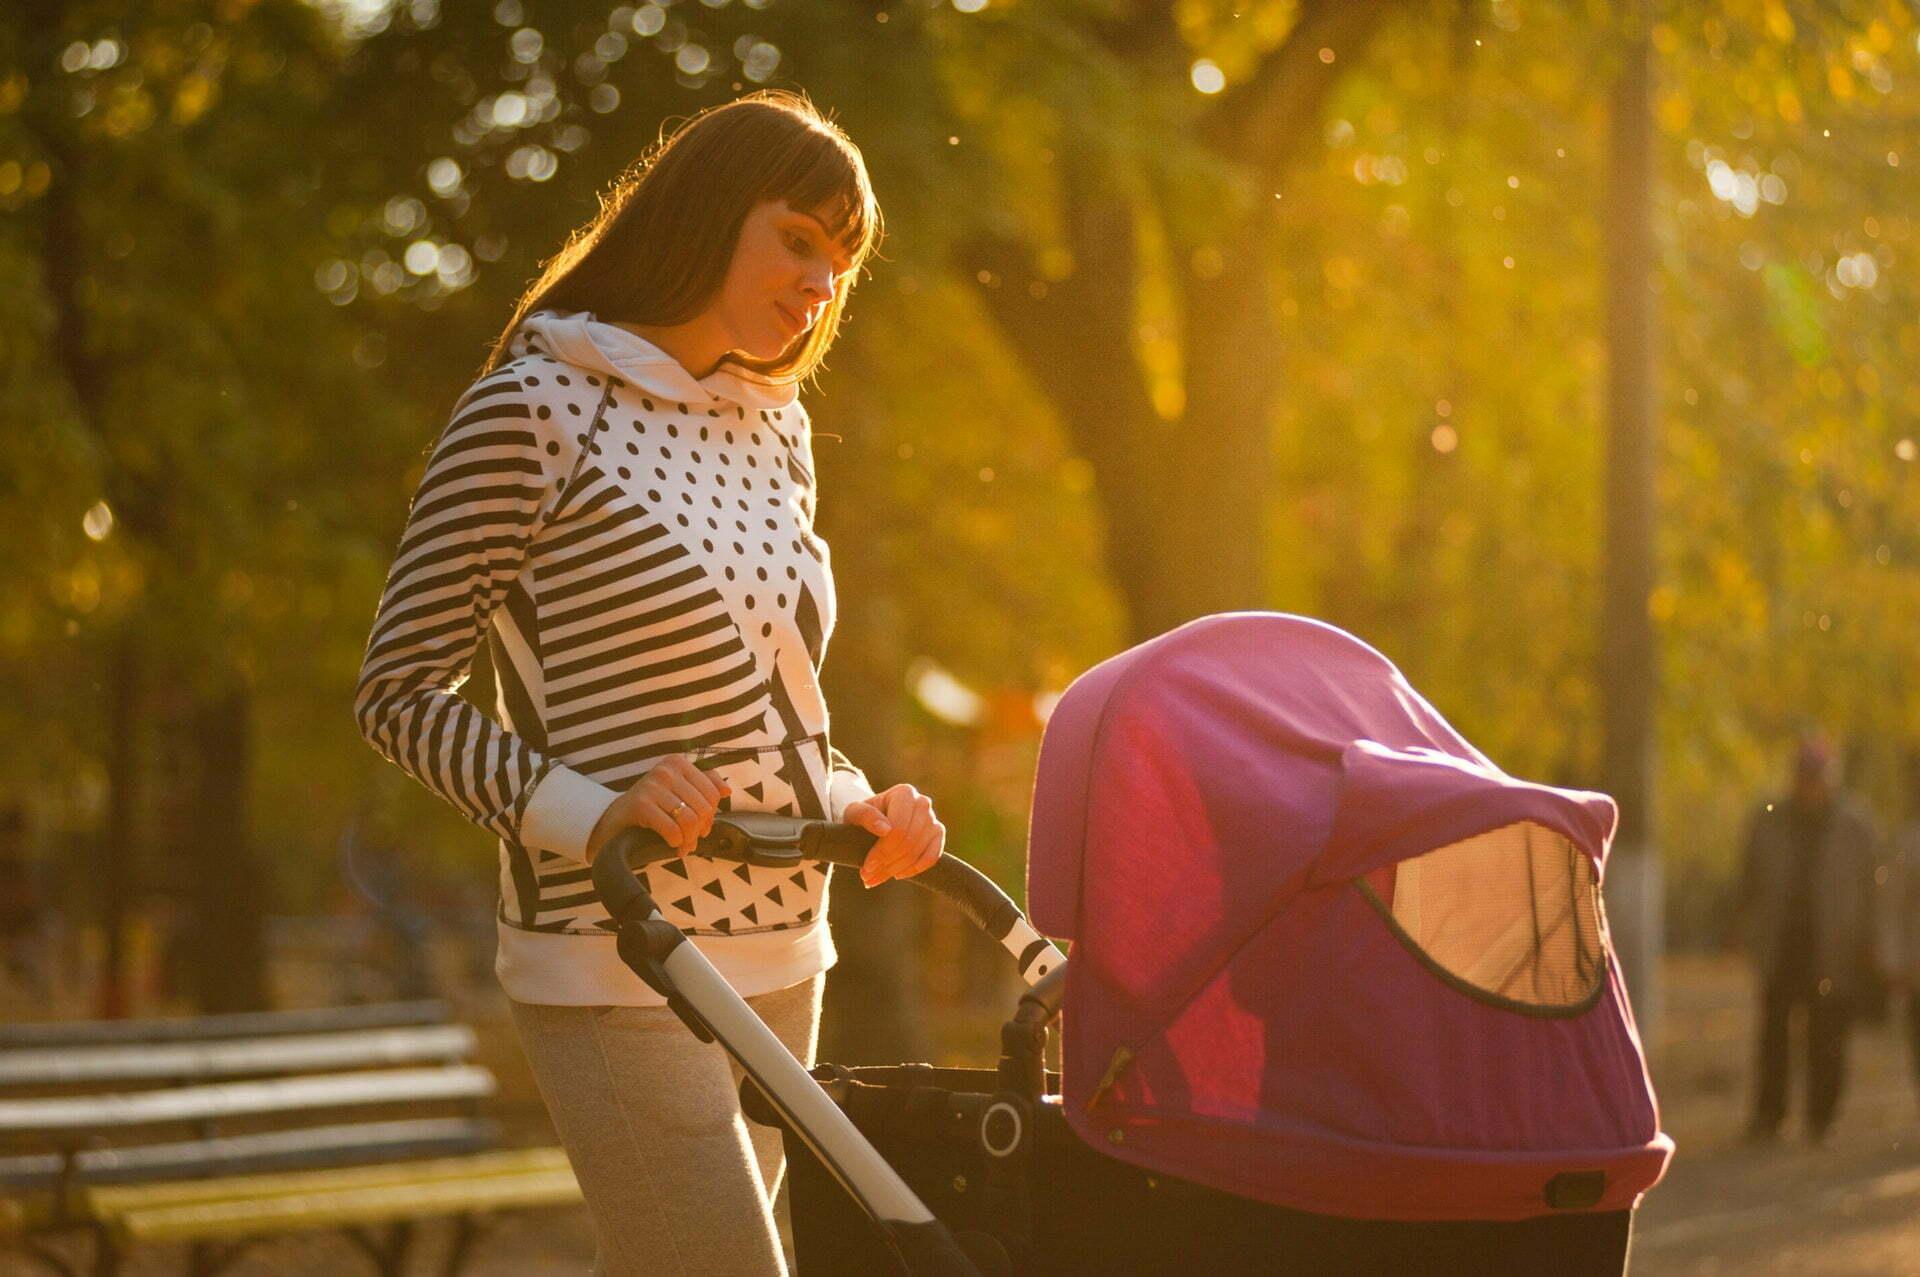 carriere en moederschap